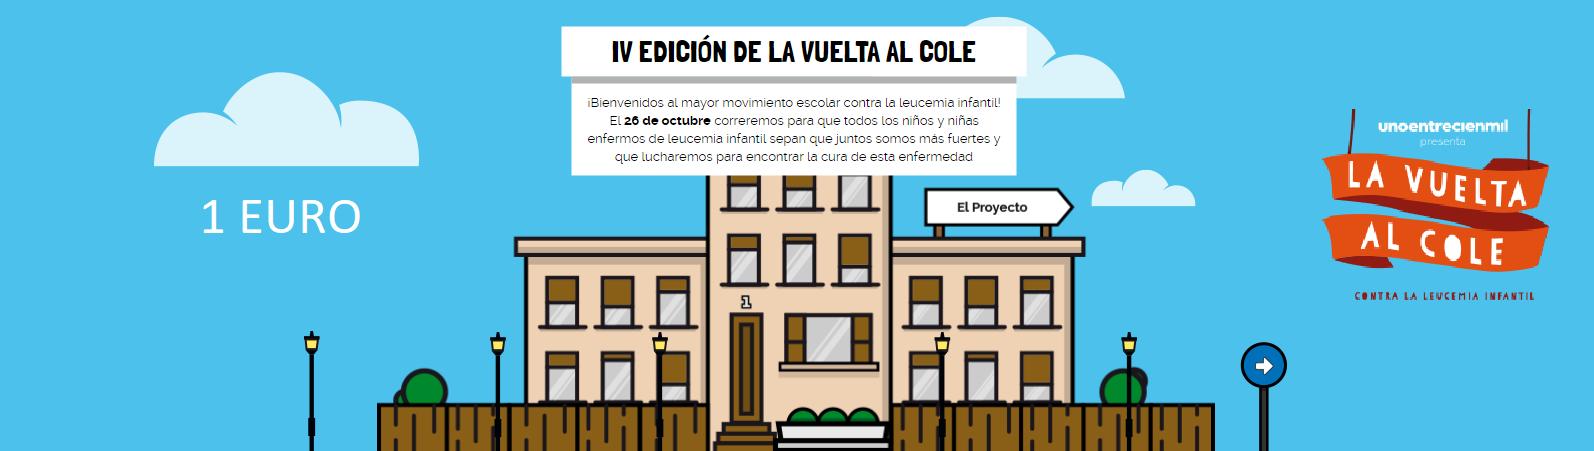 V edición de la Vuelta al cole por la leucemia